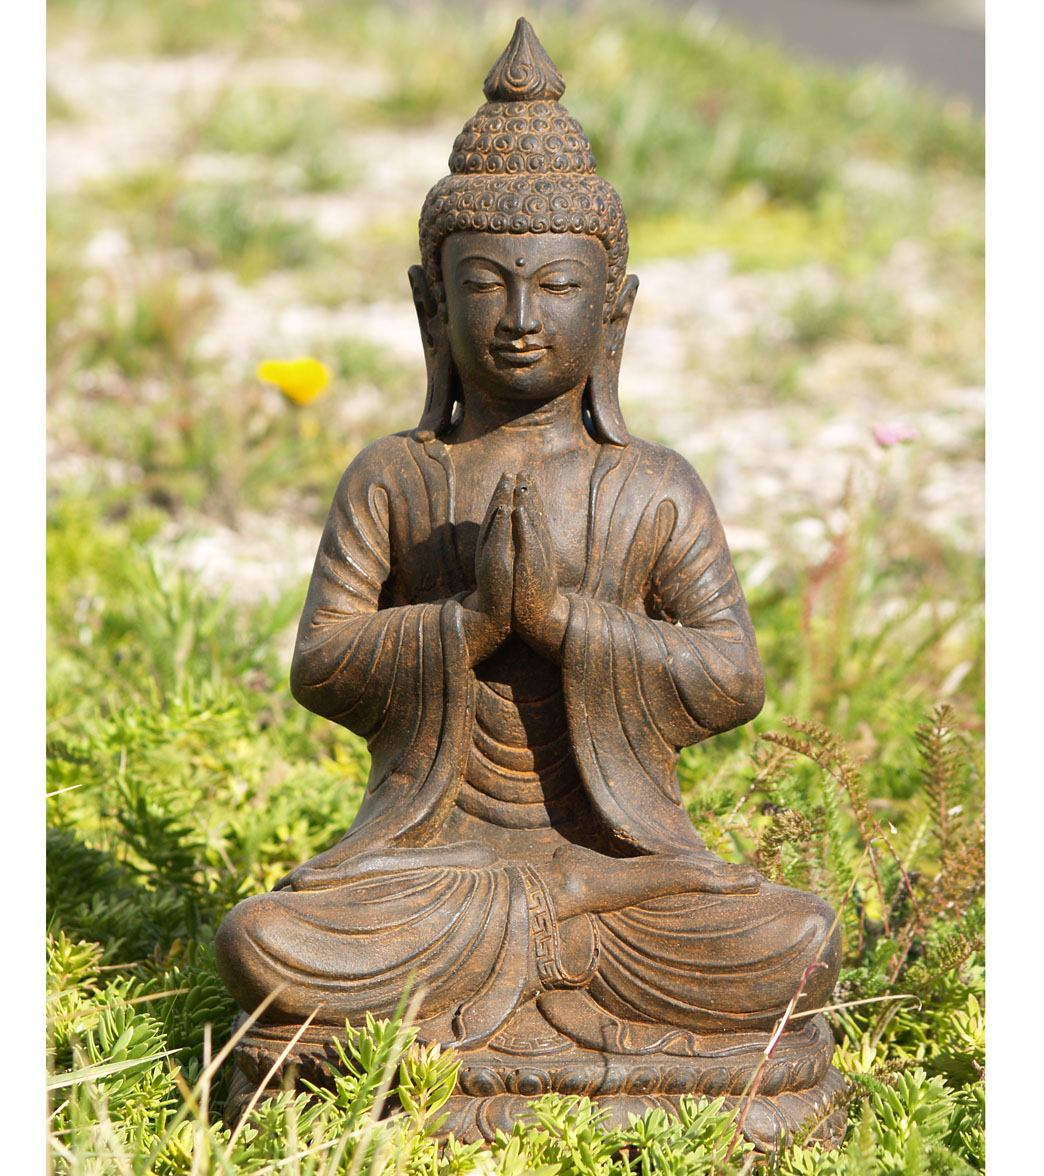 Lotus Sculpture Namaste Garden Buddha Statue 18 At Yogaoutlet